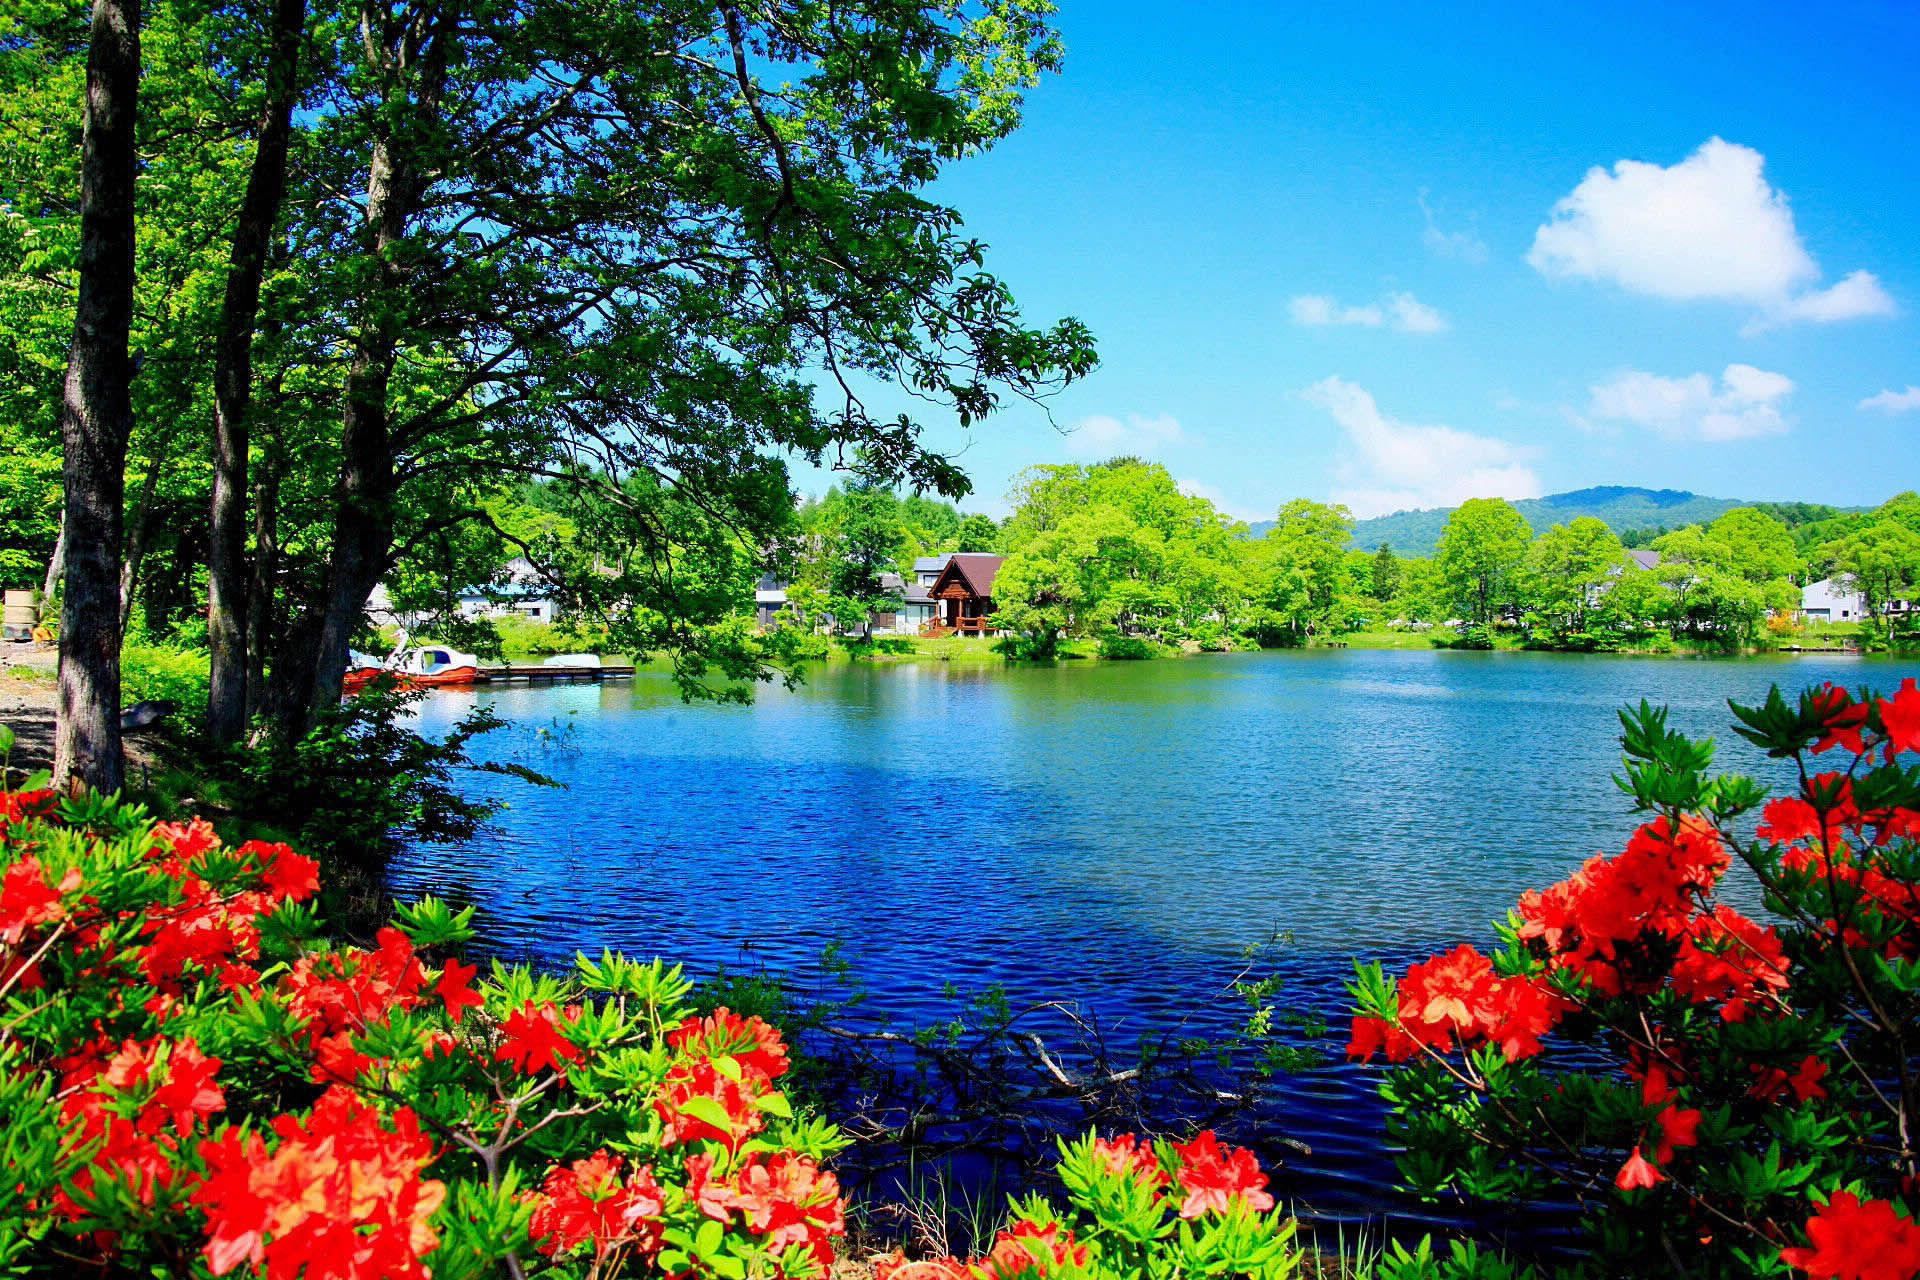 Beautiful Nature Scenery Hd Wallpapers Desktop Hd Wallpapers Beautiful Nature Wallpaper Beautiful Images Nature Beautiful Nature